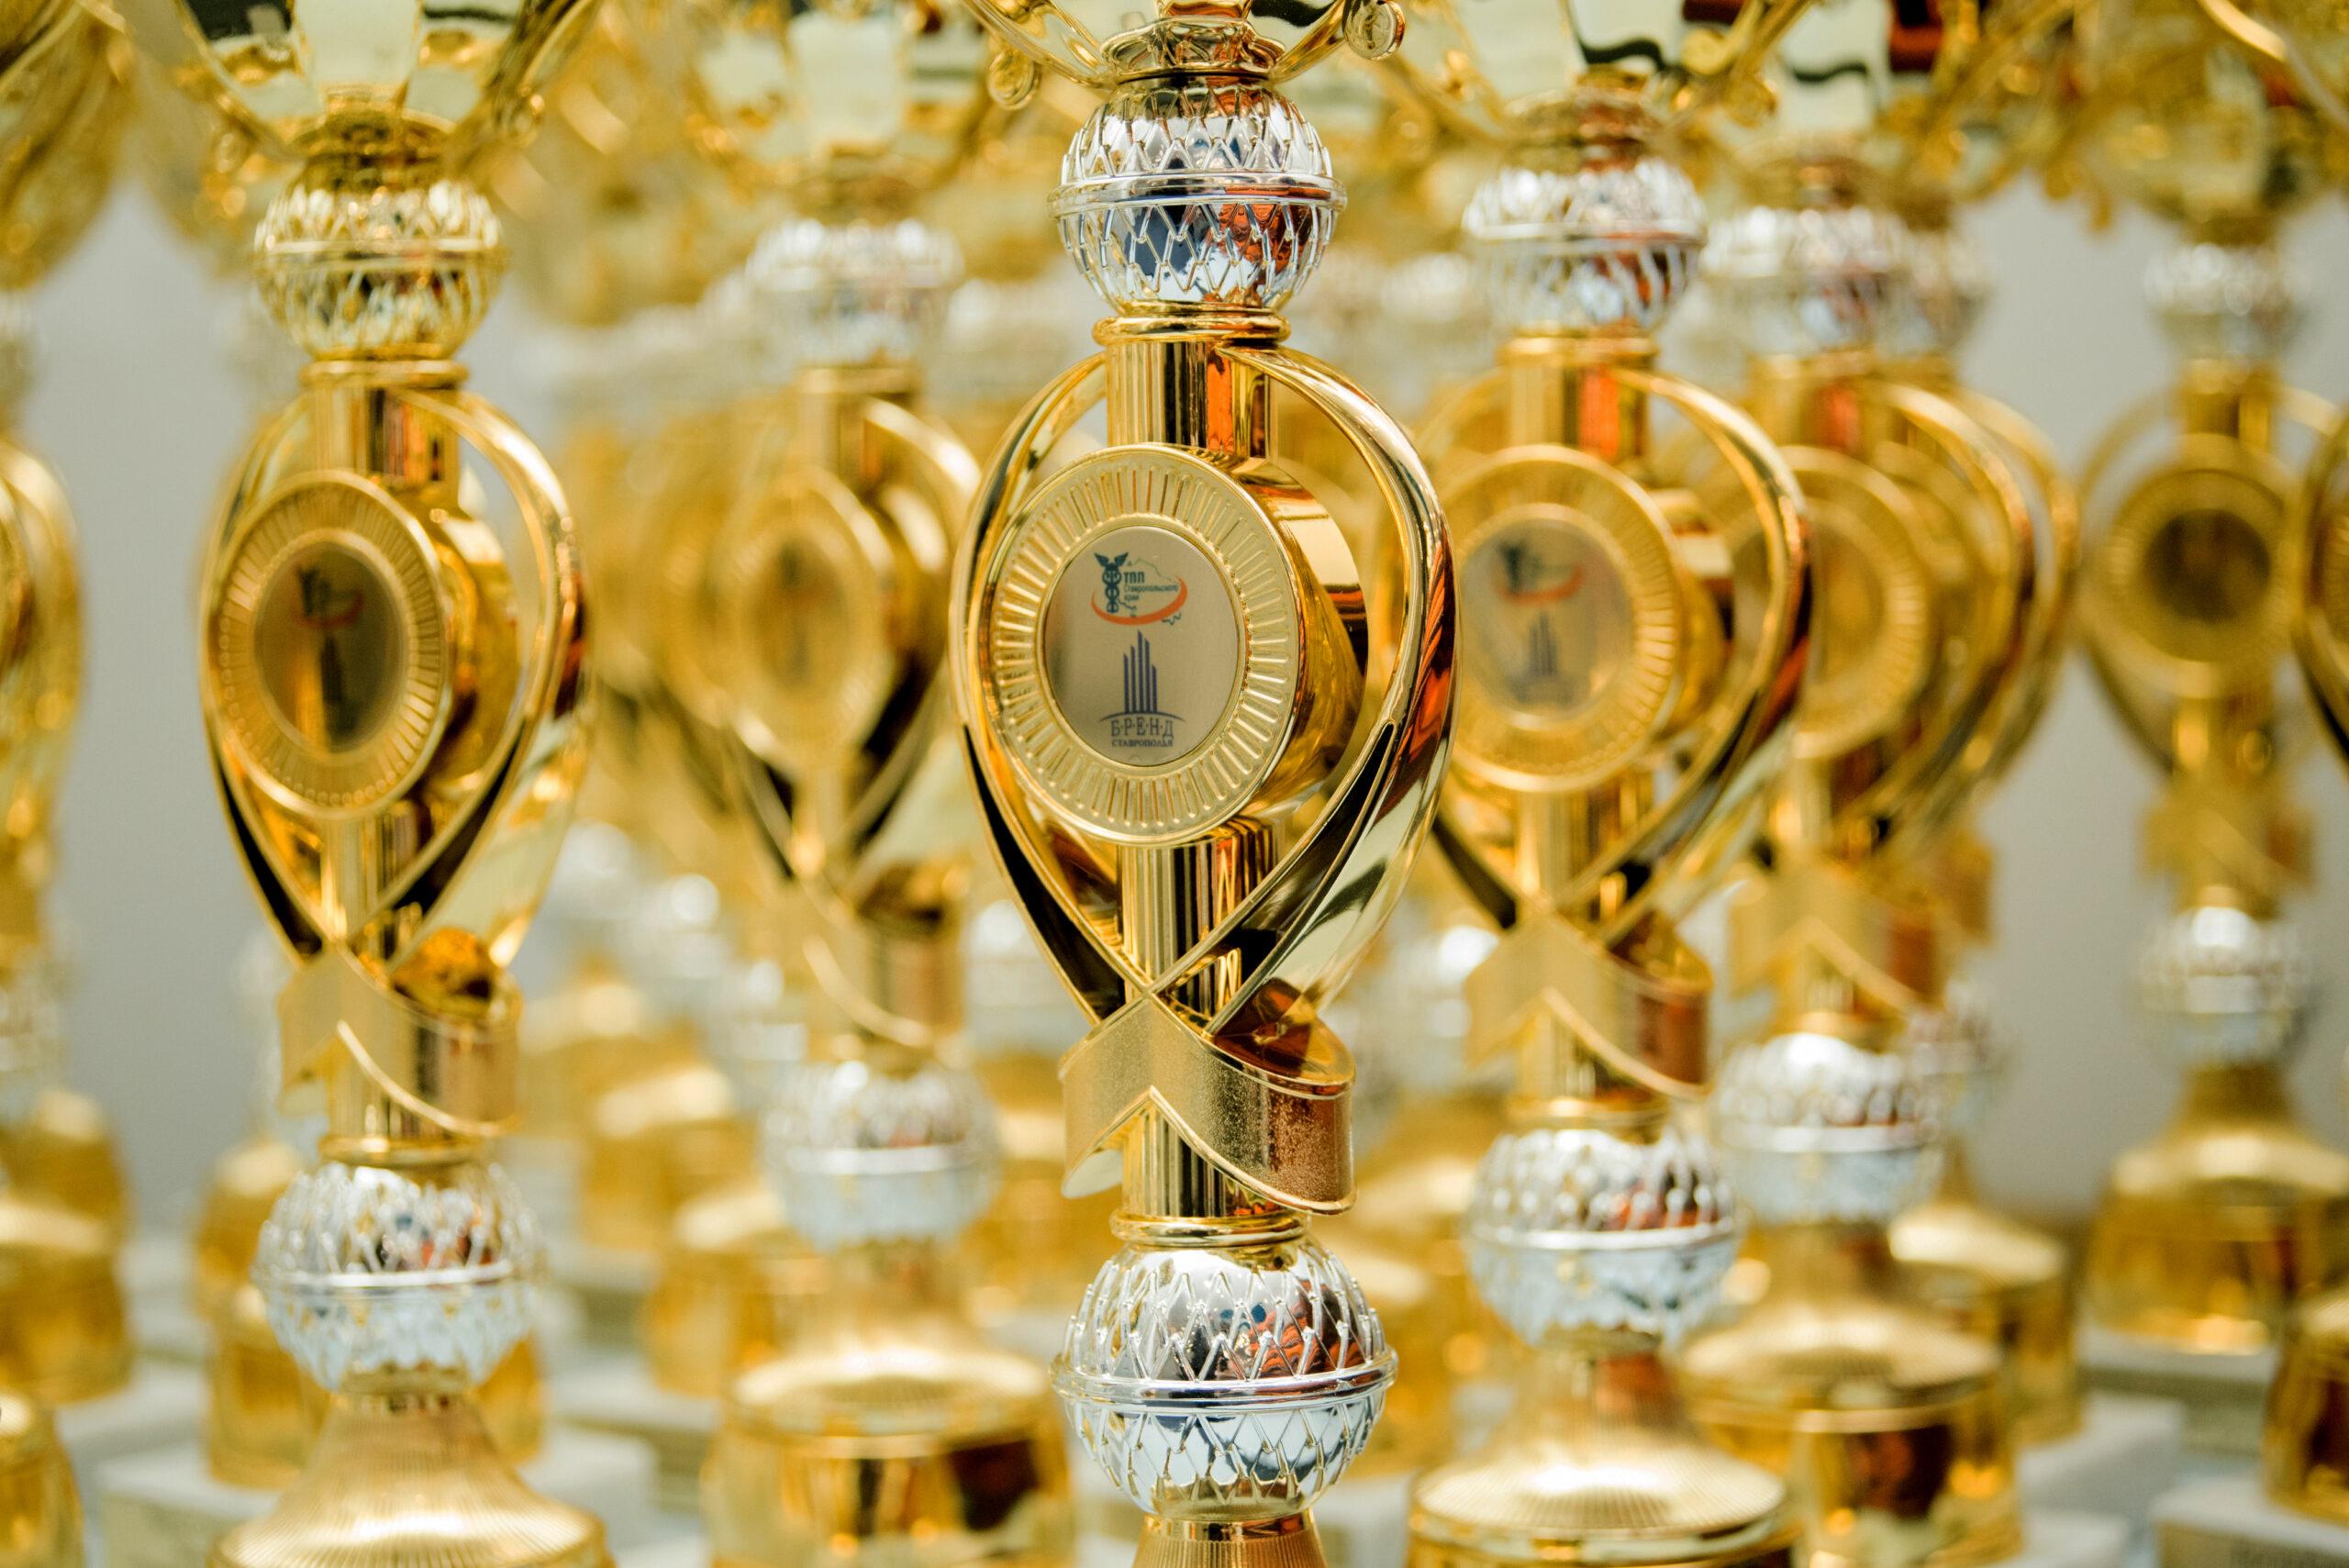 Шесть ставропольских предприятий стали победителями Всероссийского конкурса «Торговля России»